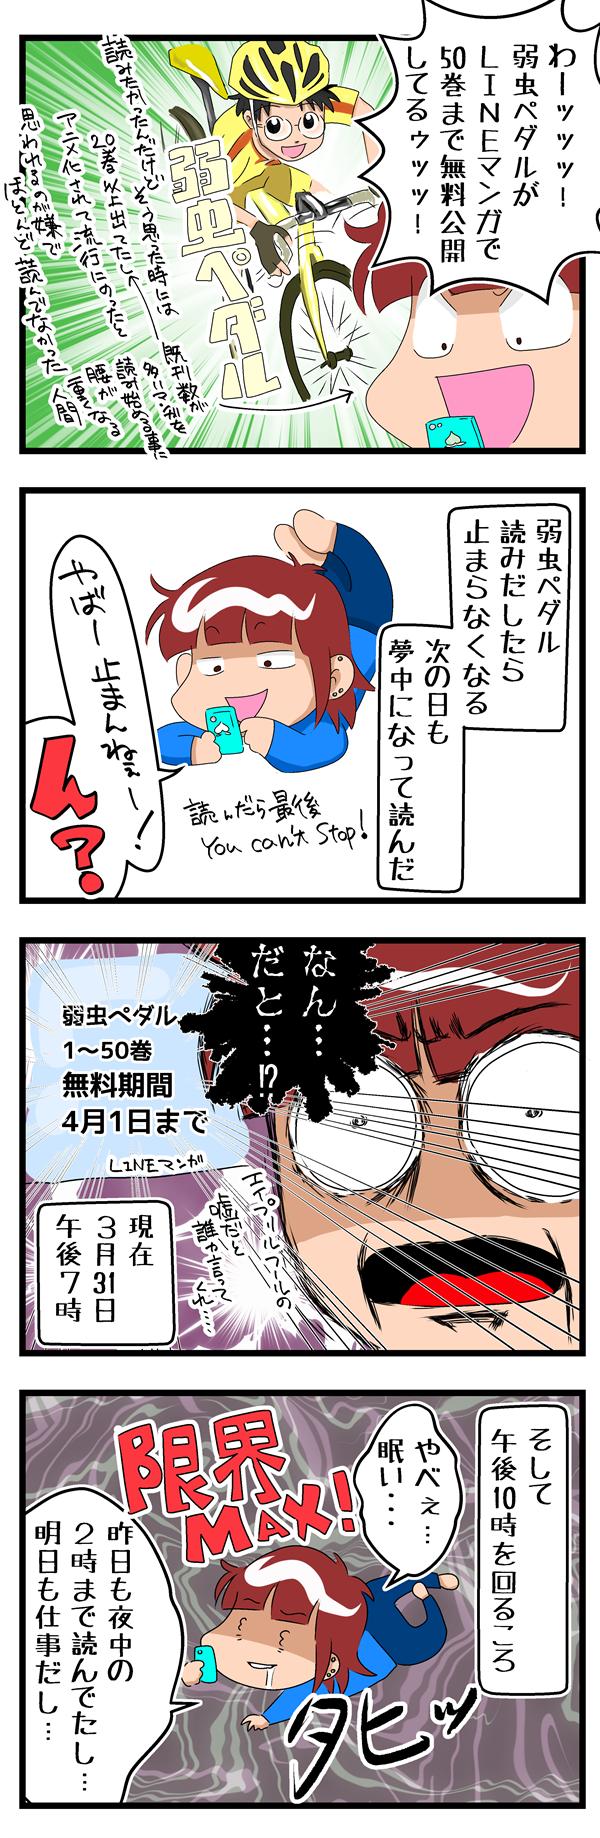 日常編005 (2)_r